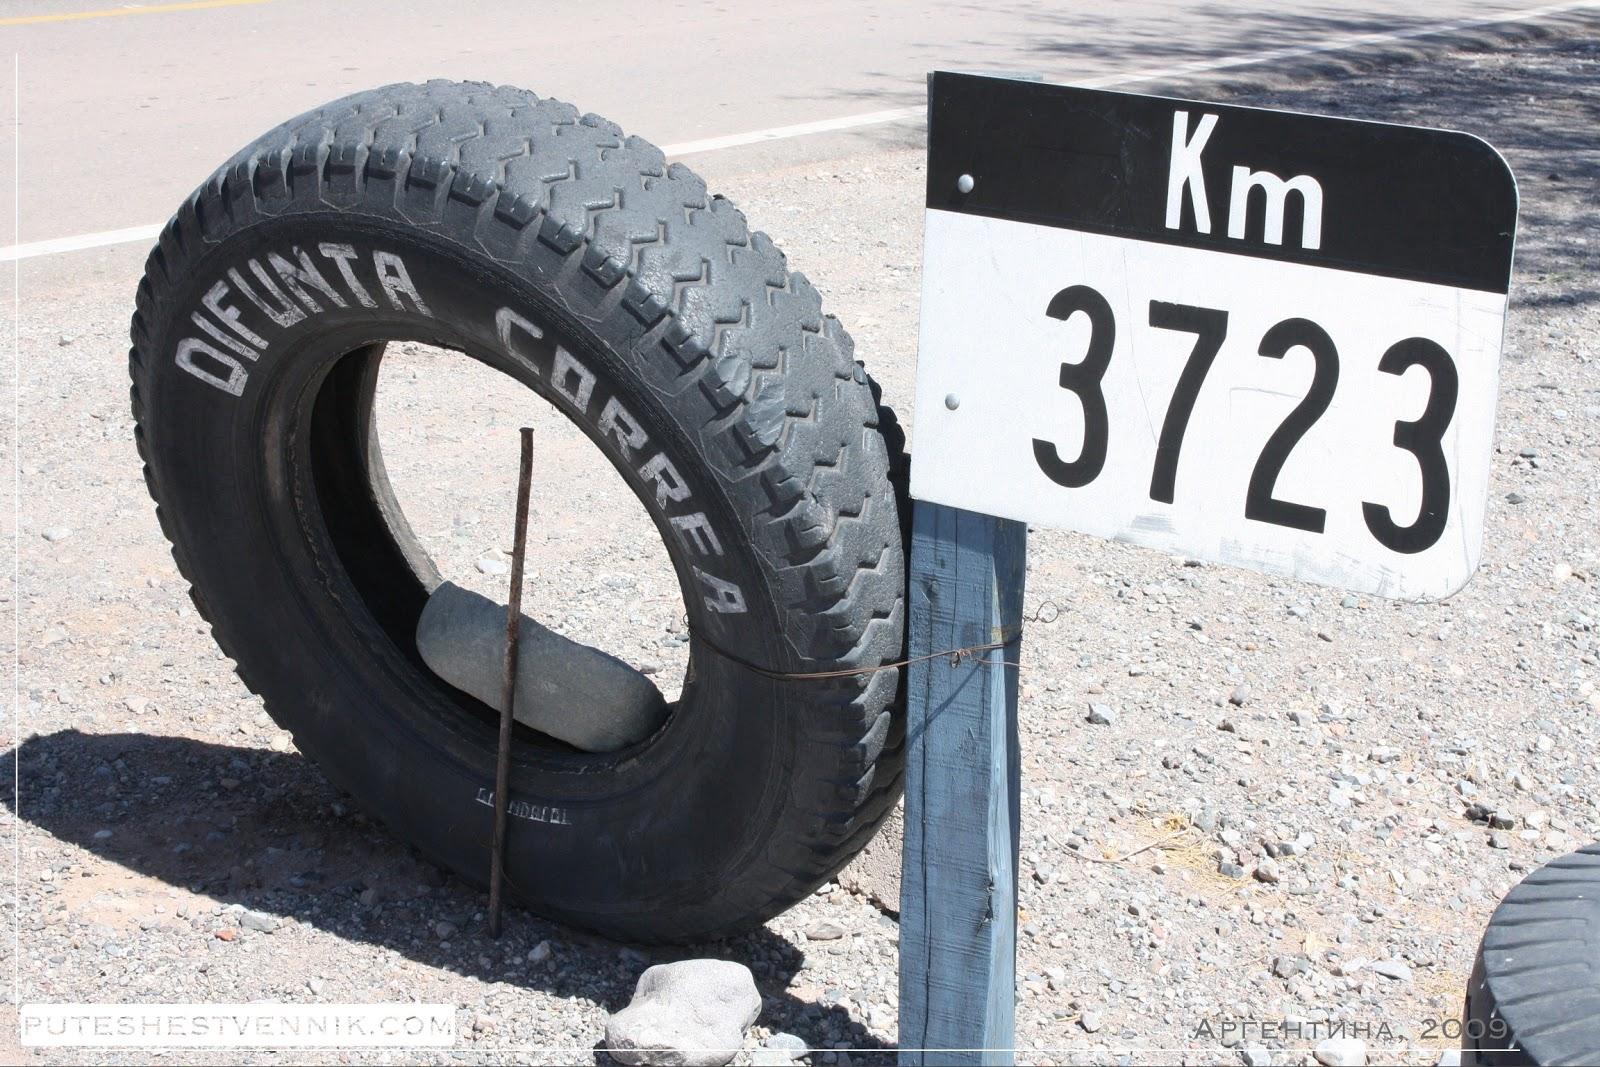 Знак километража на дороге в Аргентине